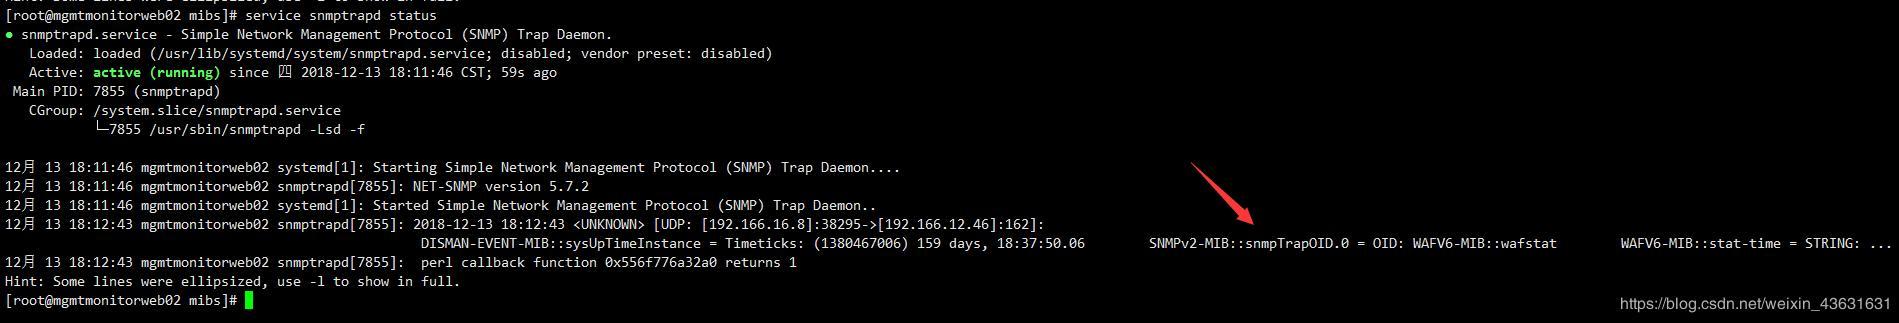 Zabbix-SNMP trap] An example of using Zabbix's SNMP trap